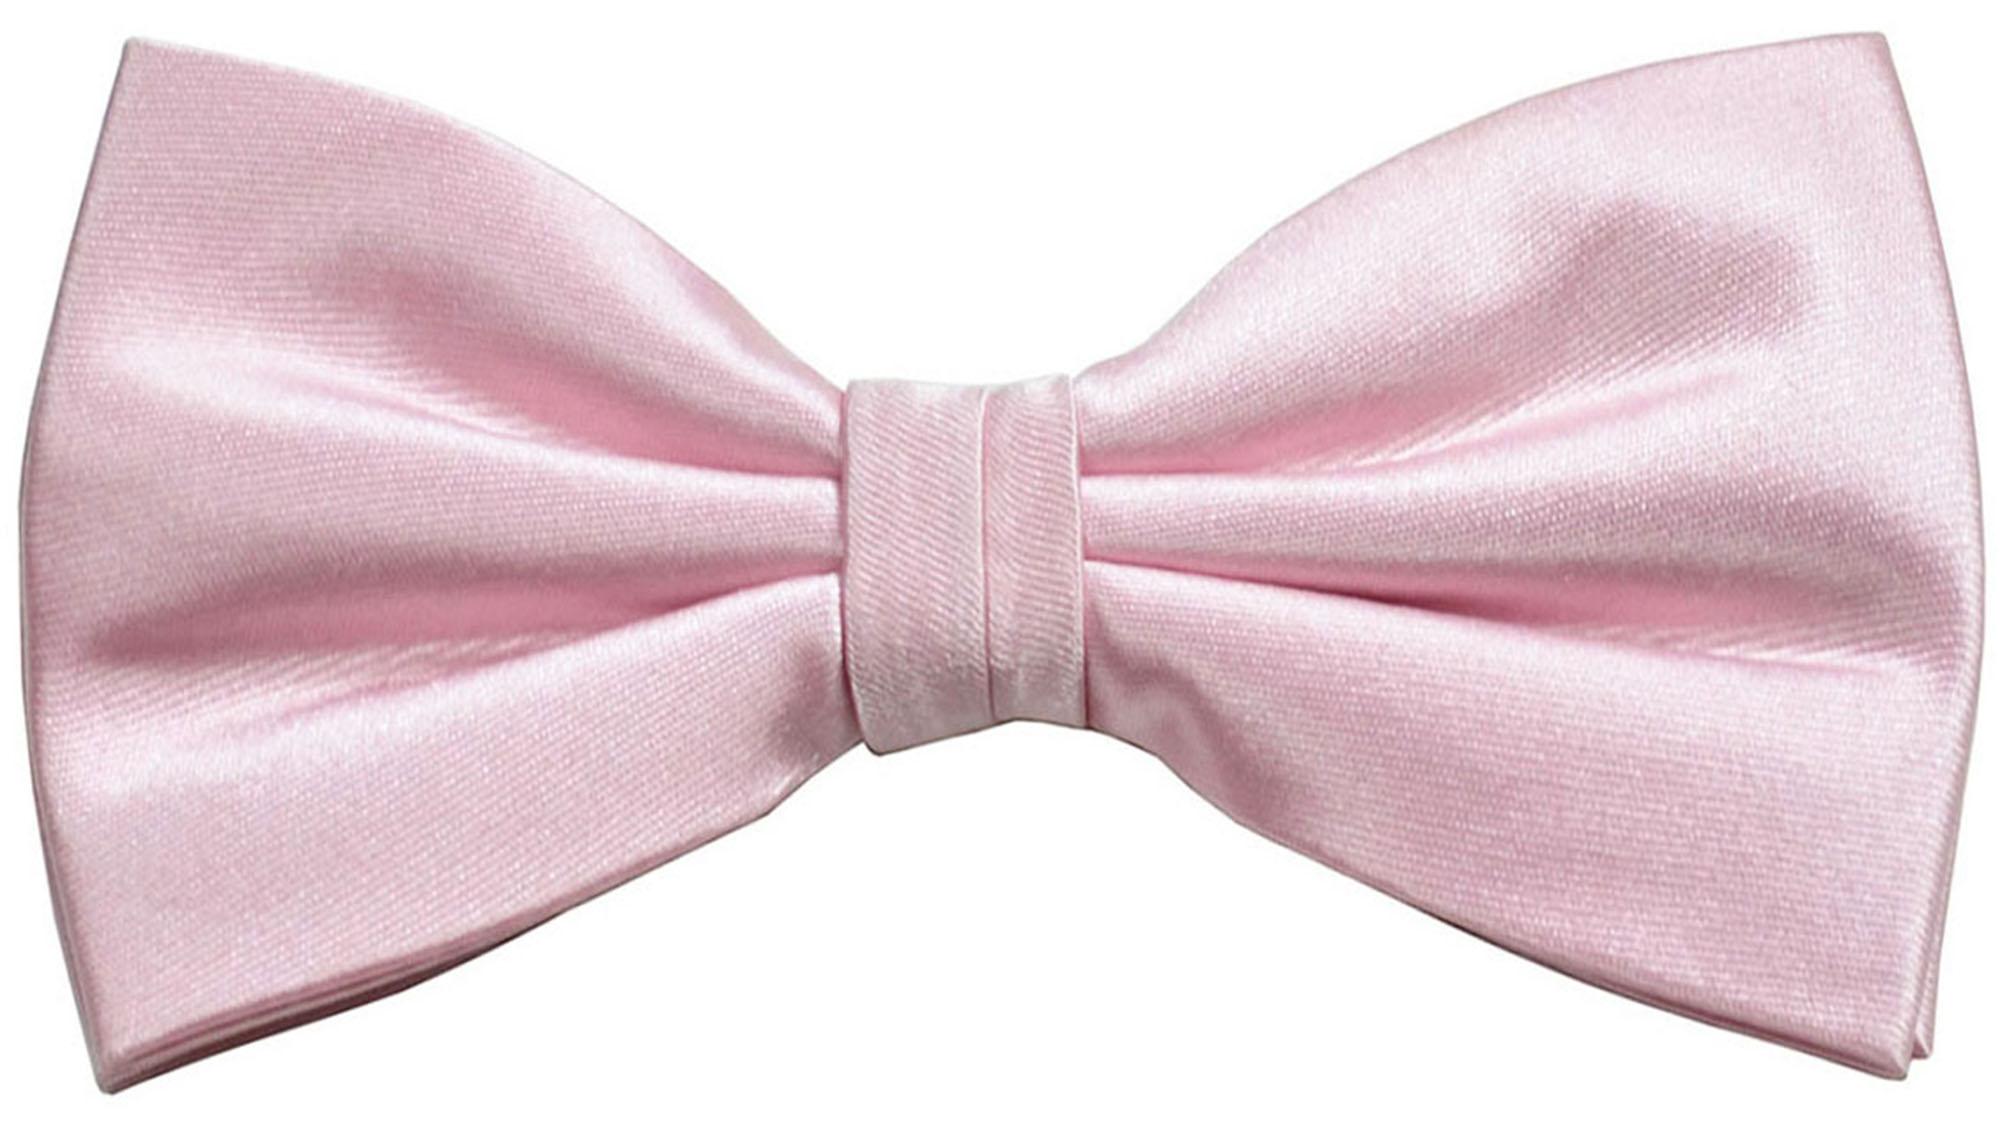 fliege, err/öten pink hochzeitsb/ögen f/ür trauzeugen AUSCUFFLINKS Herren Err/öten rosa fliege leinen krawatten